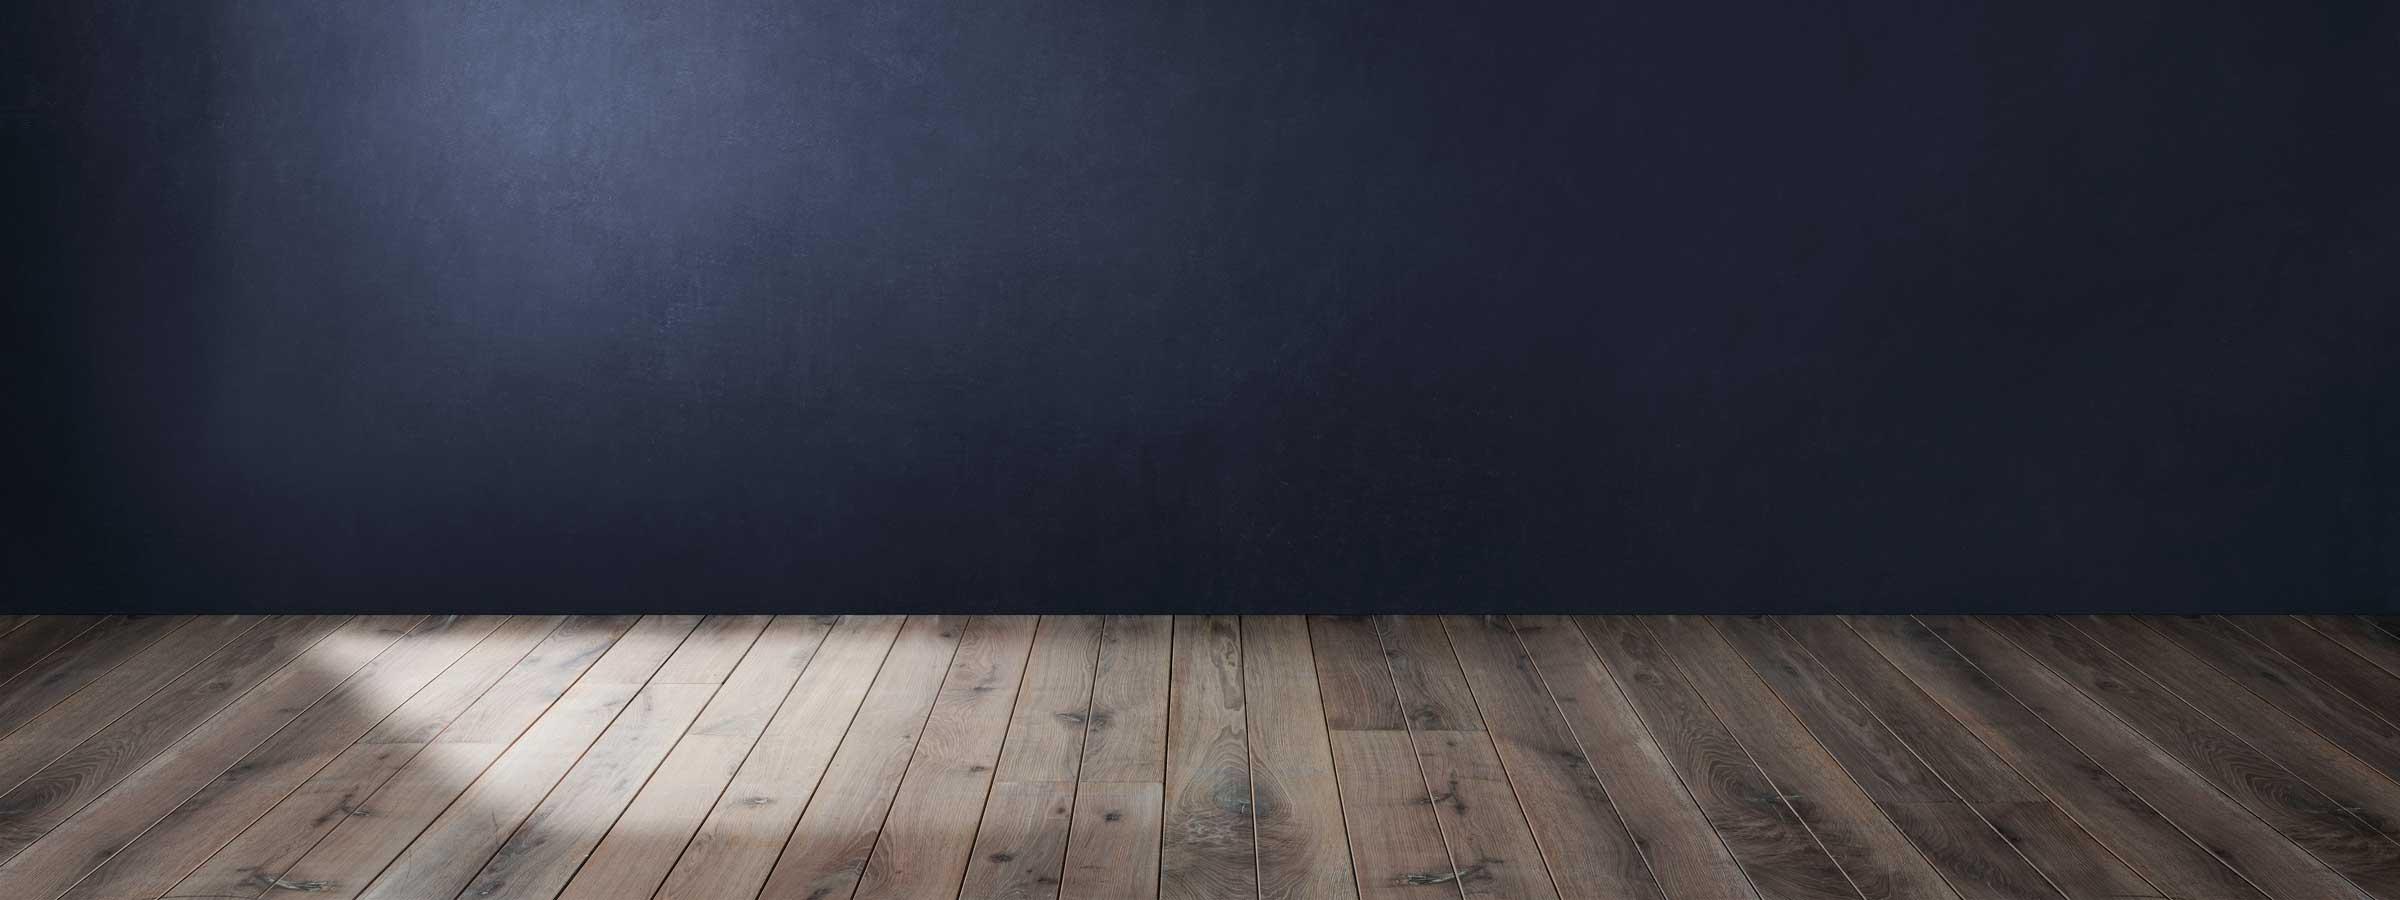 Vista di un parquet in legno chiaro